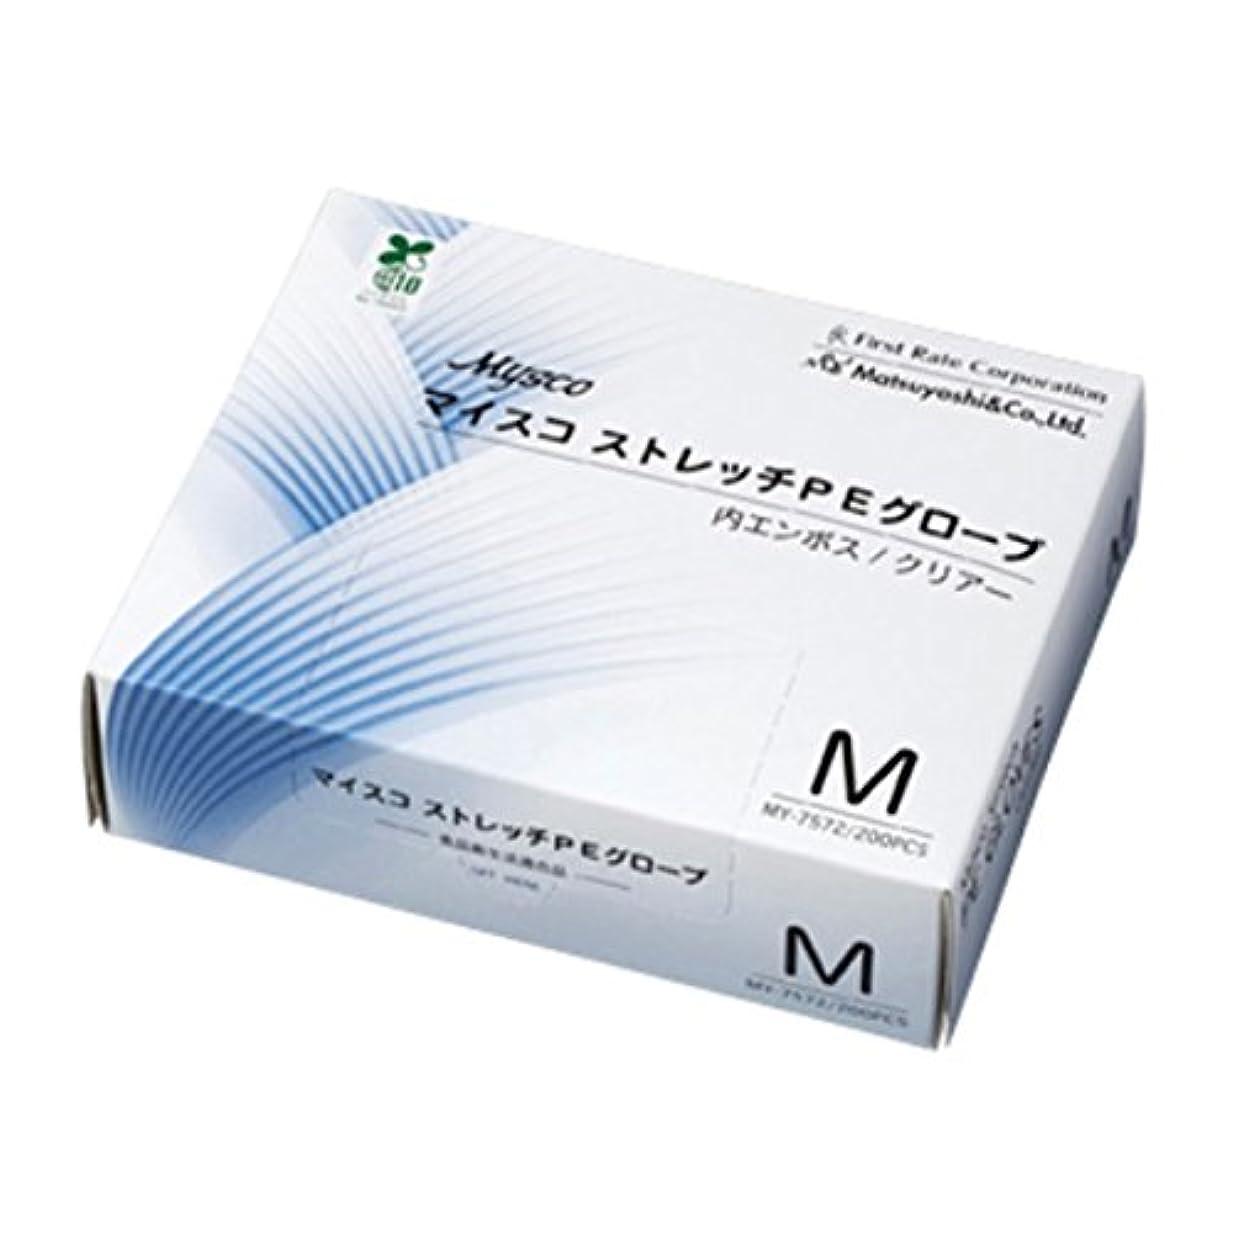 膨らみ郡甘くする【ケース販売】マイスコ ストレッチPEグローブ M 200枚入×40箱